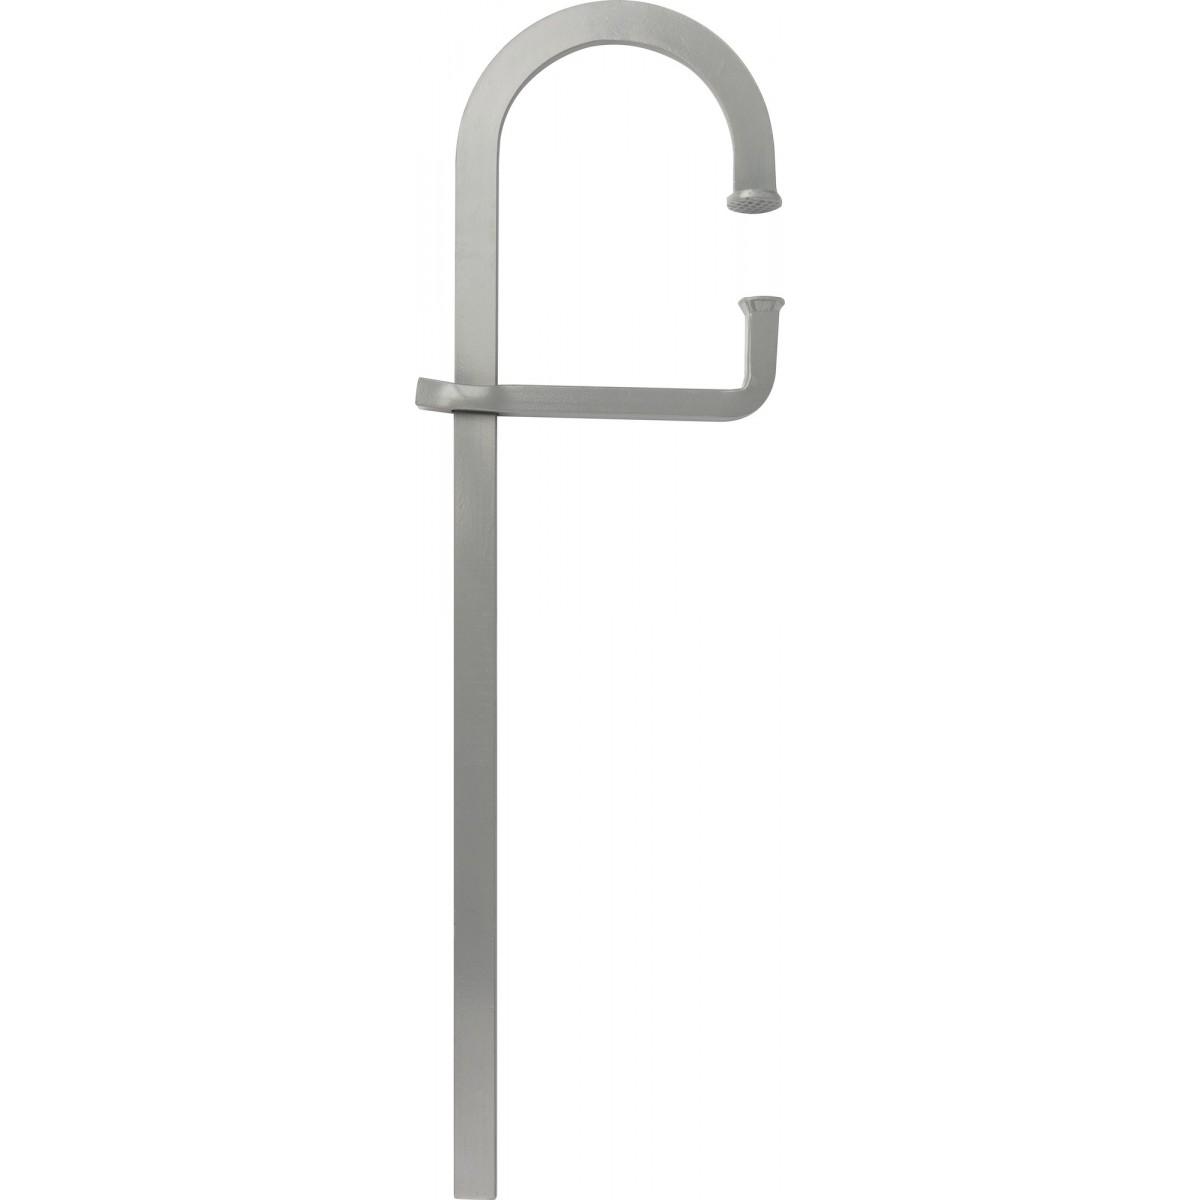 Serre-joint de maçon saillie 175 mm Outibat - Longueur 120 cm